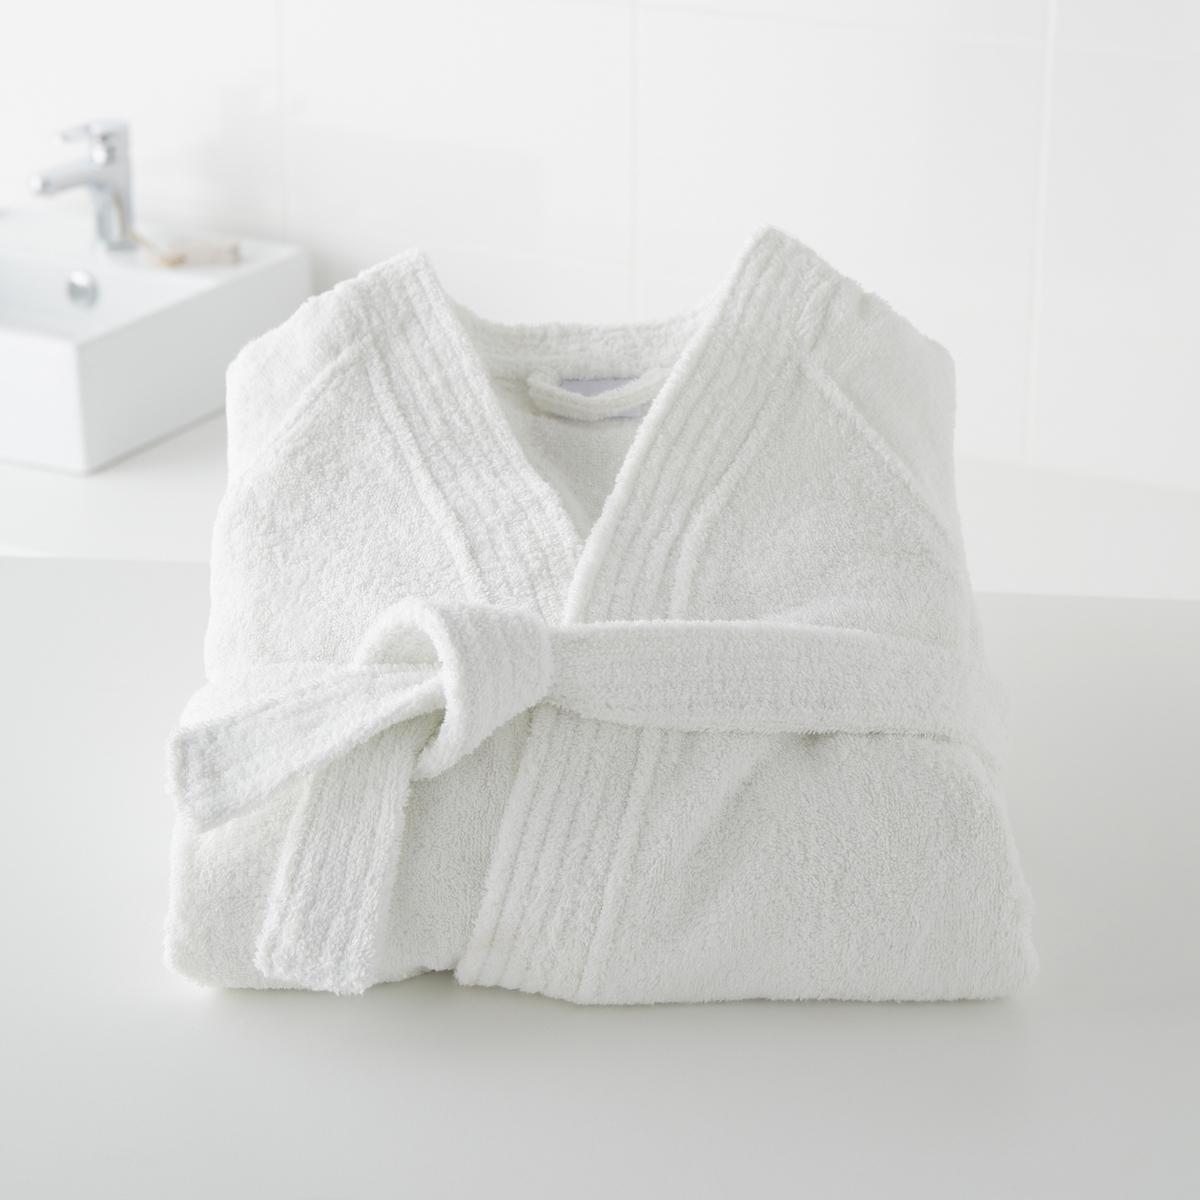 Купить со скидкой Халат махровый с воротником-кимоно, 450 г/м²